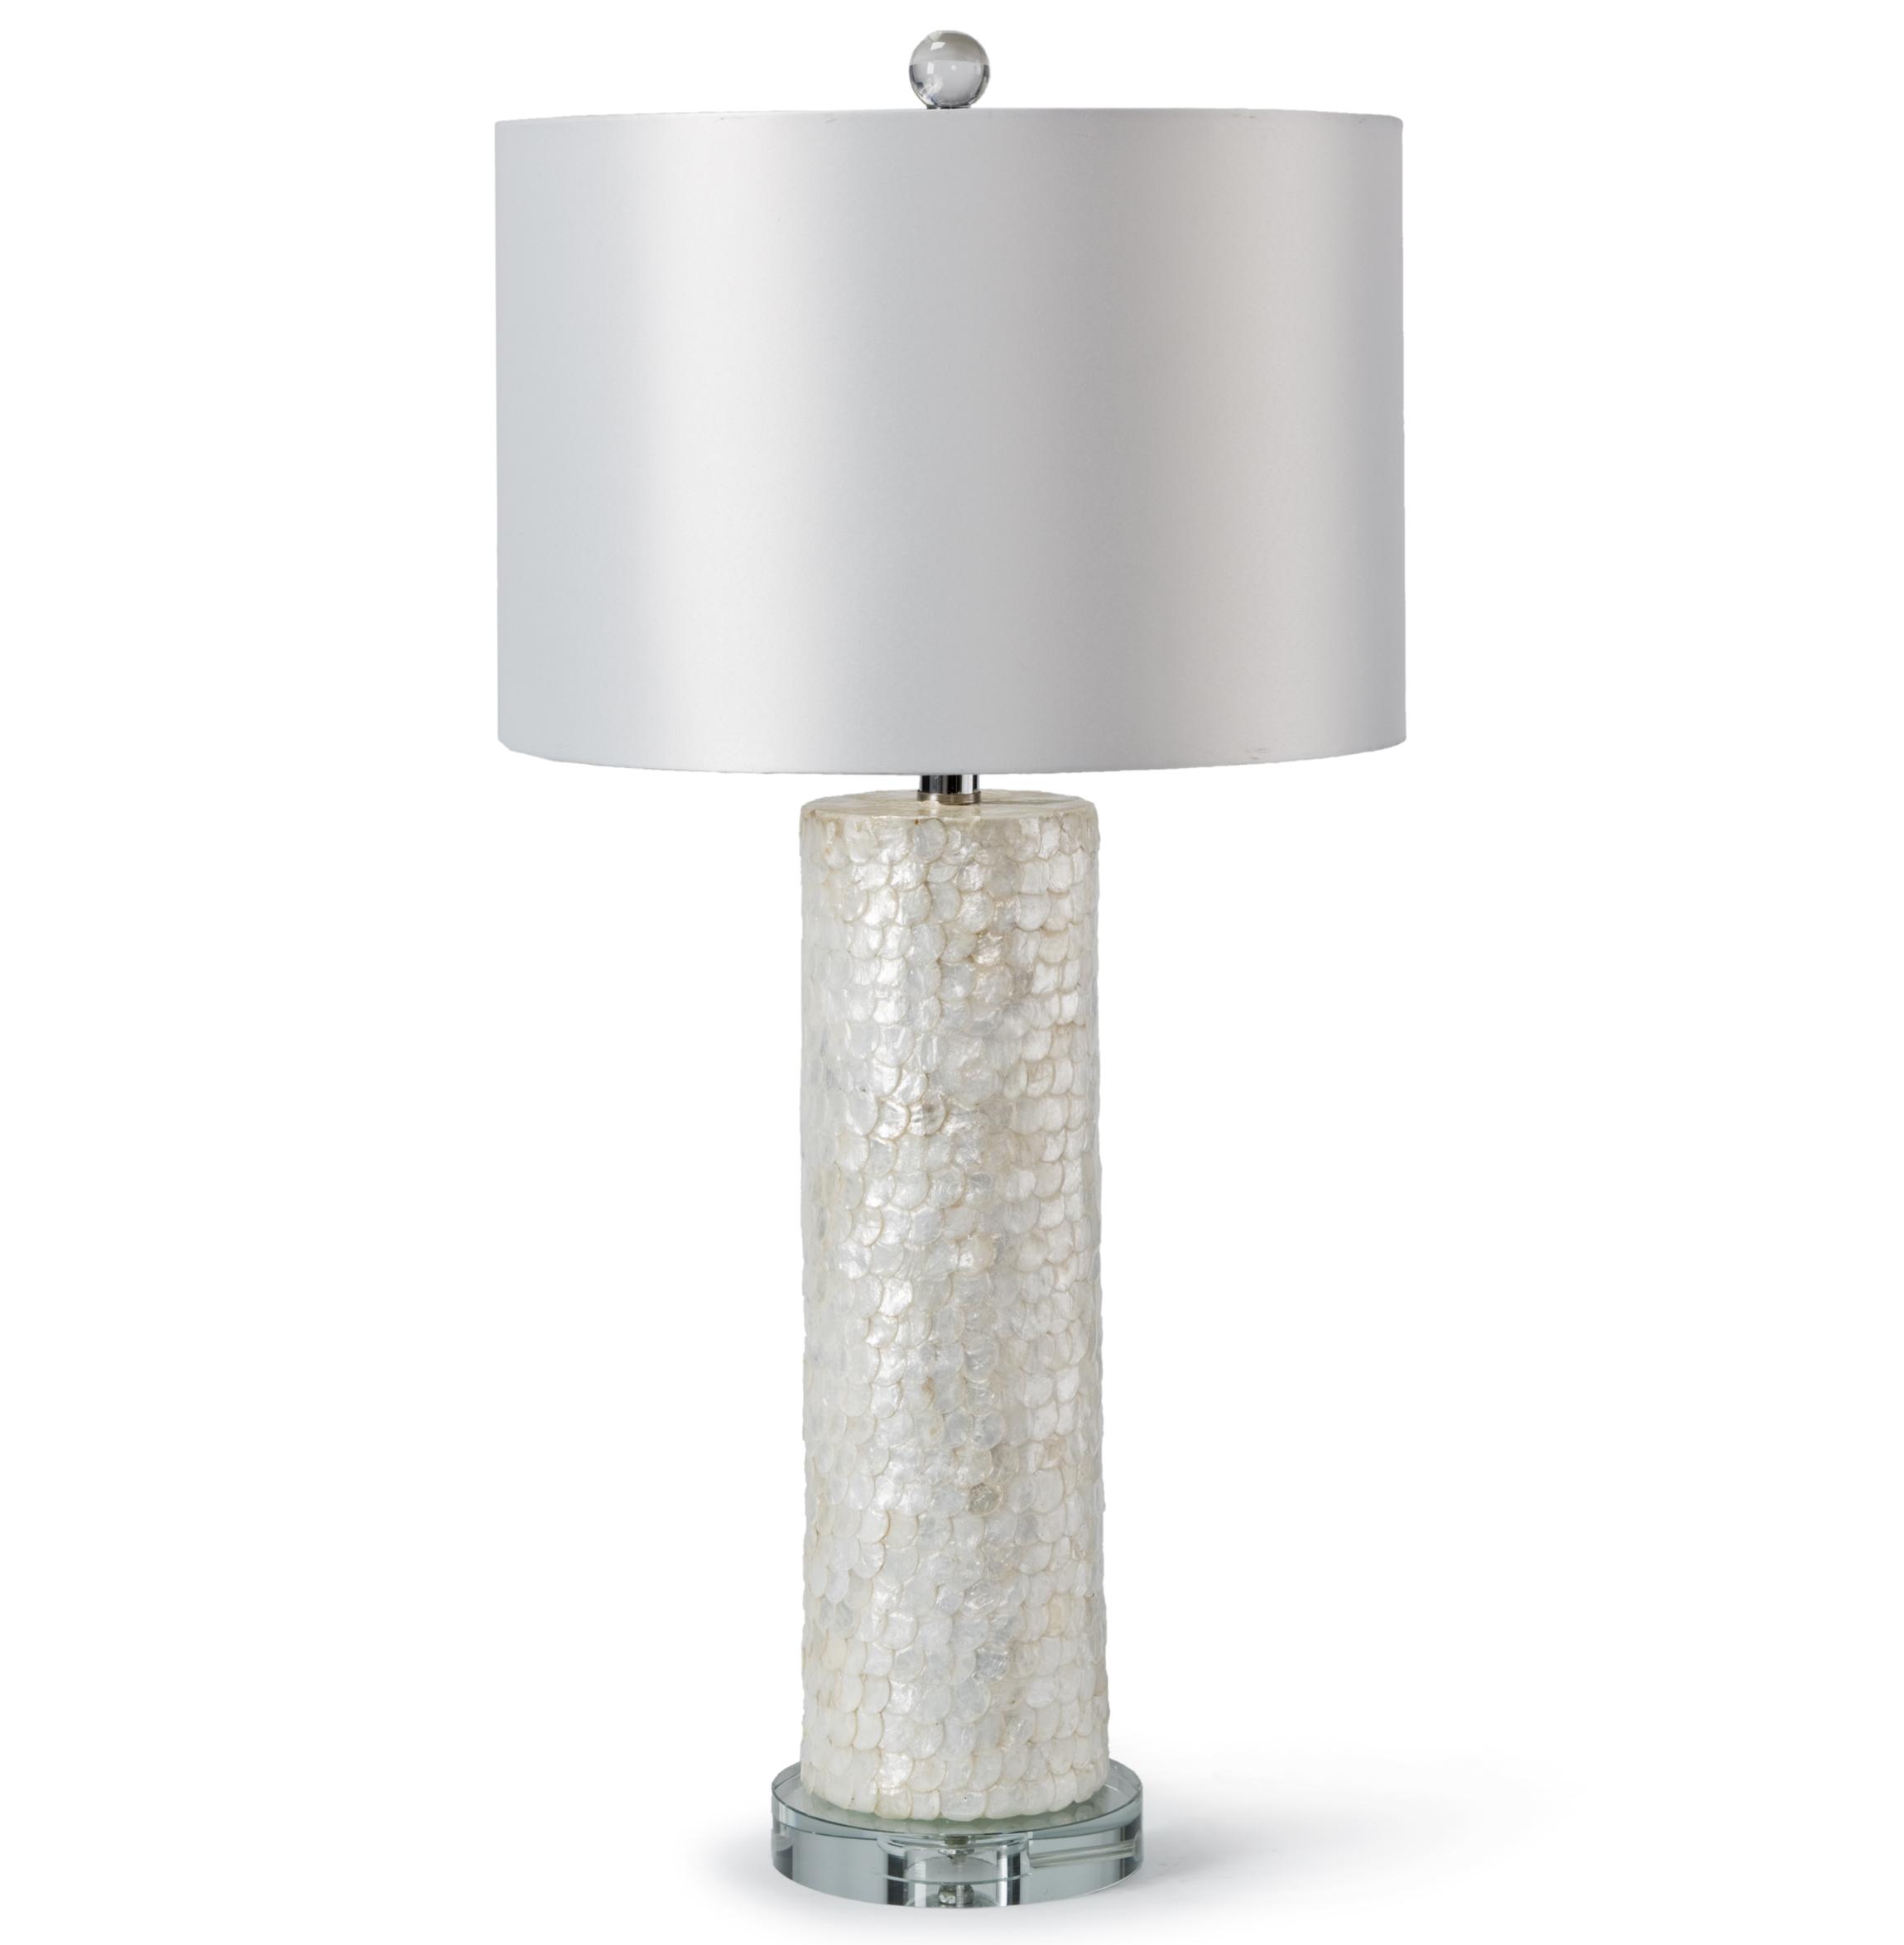 floor l west chandelier lamp com elm shell capiz pixball floors compact